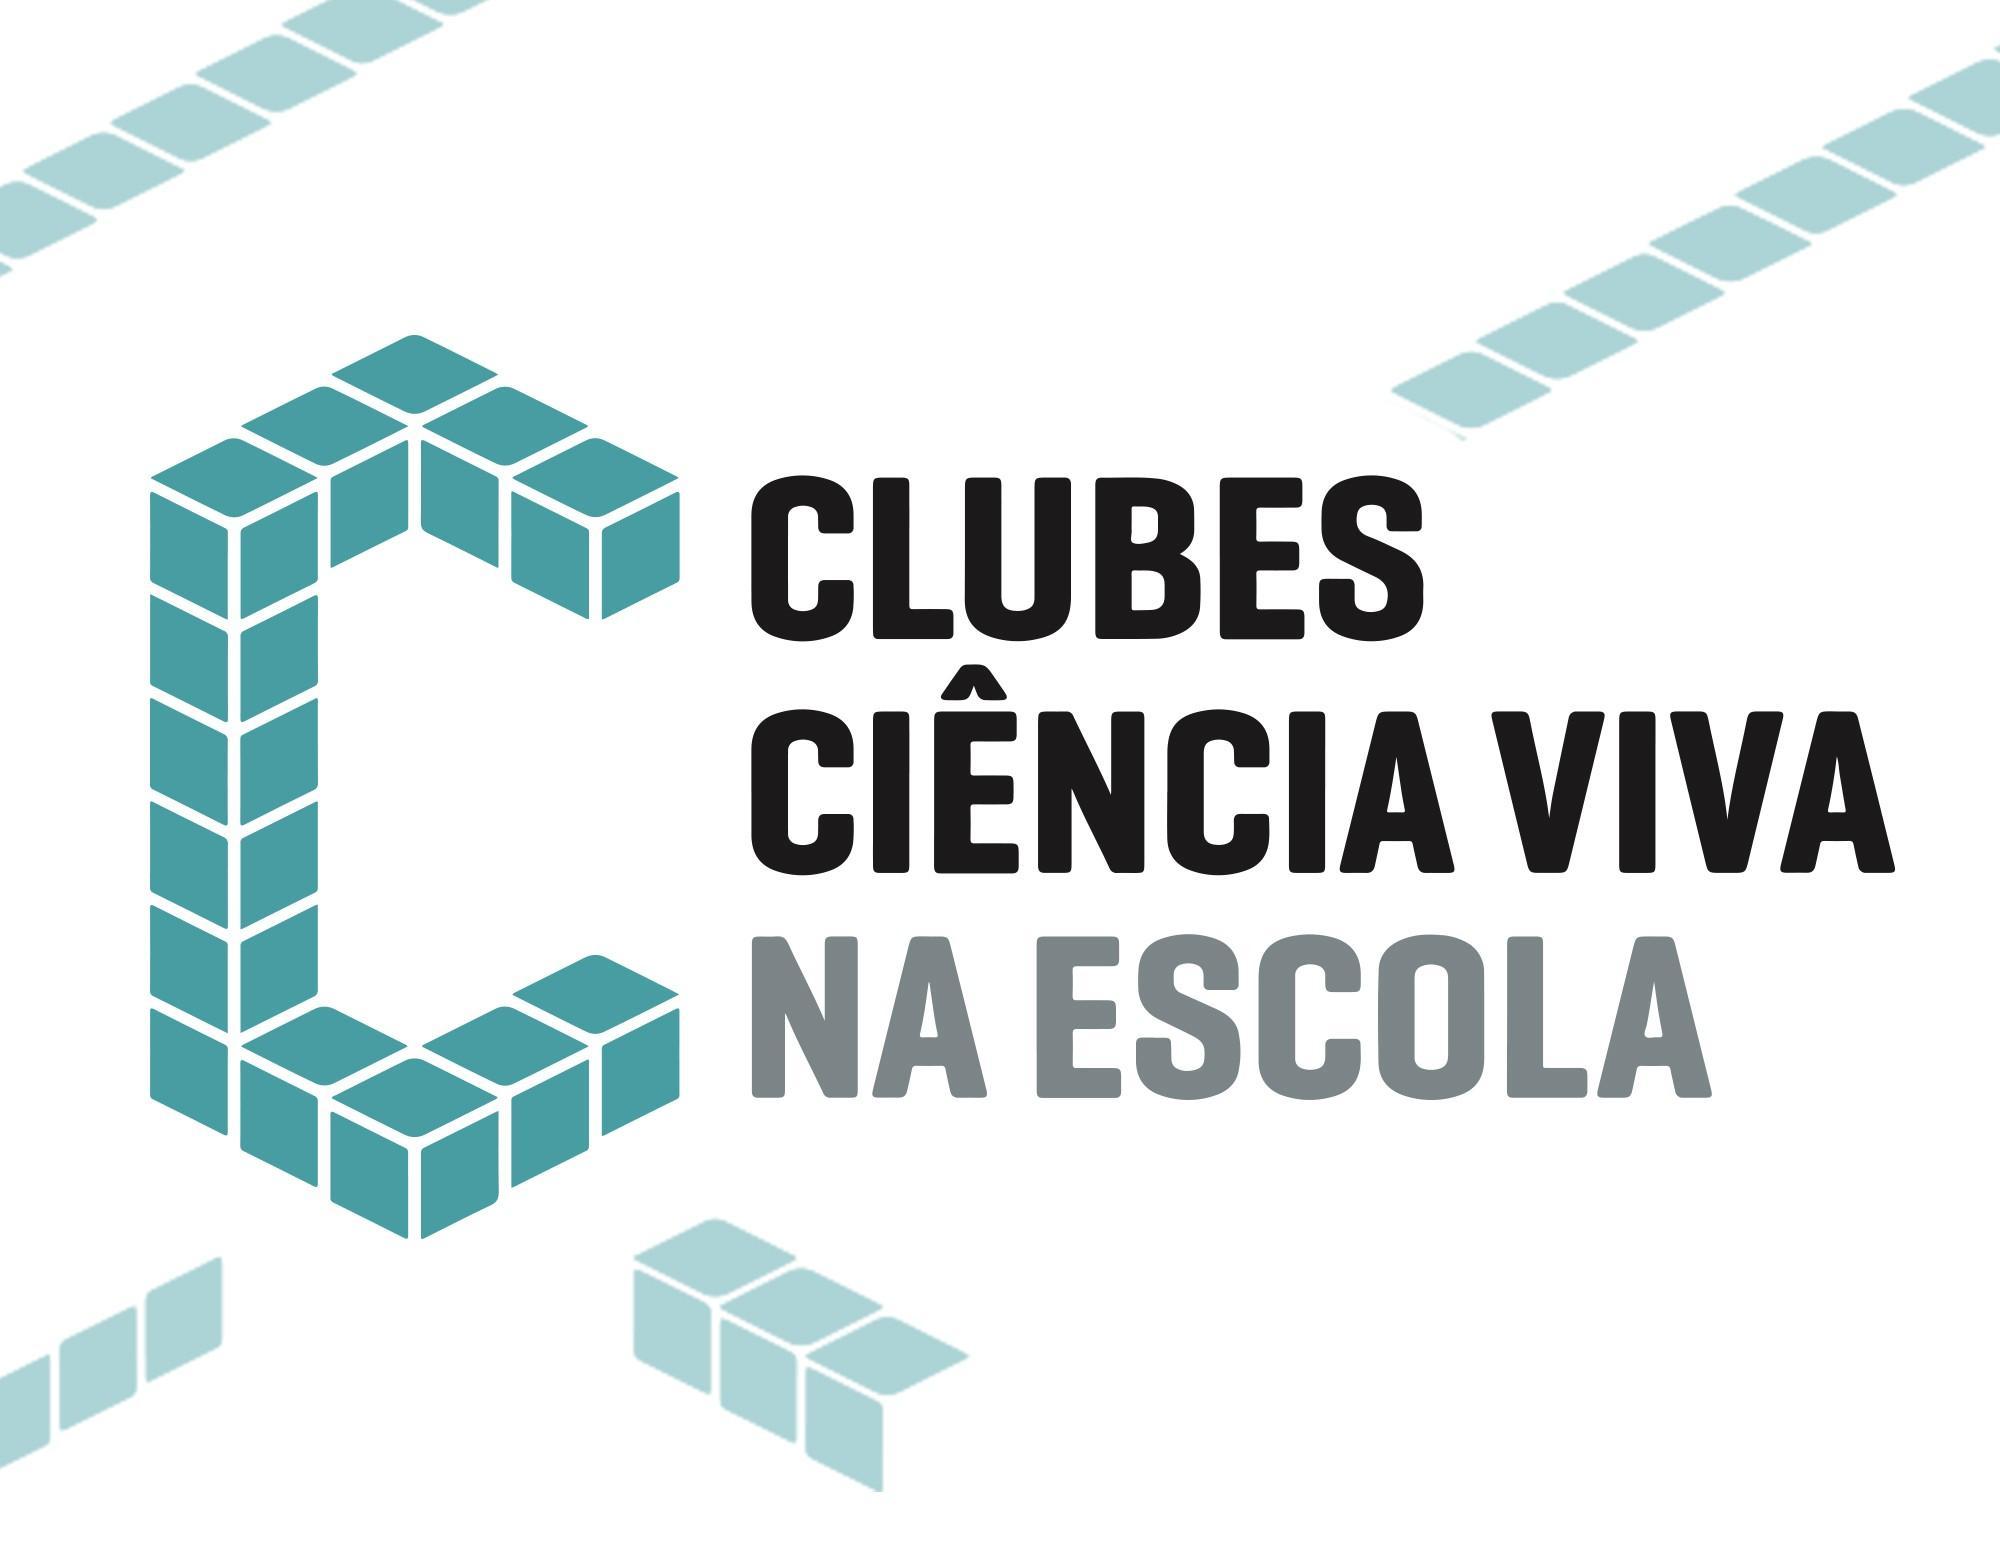 Ciência Viva - Ciencia Viva